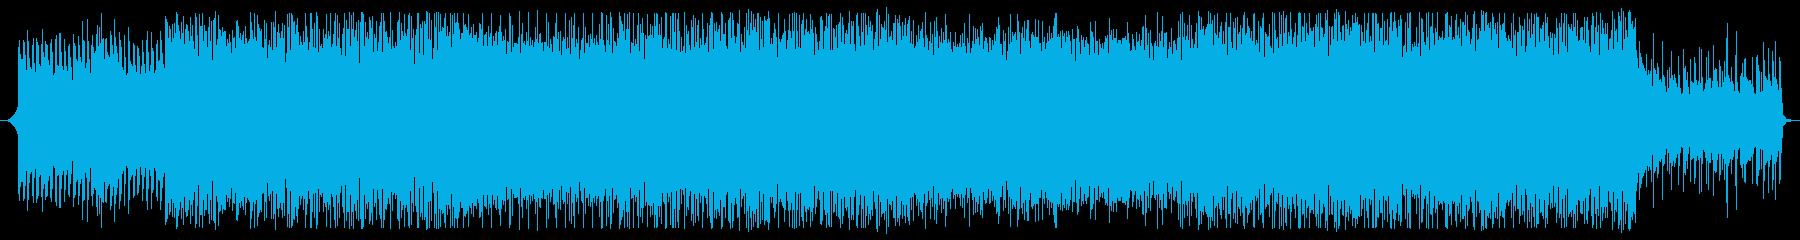 和を感じる四つ打ちポップ、EDMの再生済みの波形